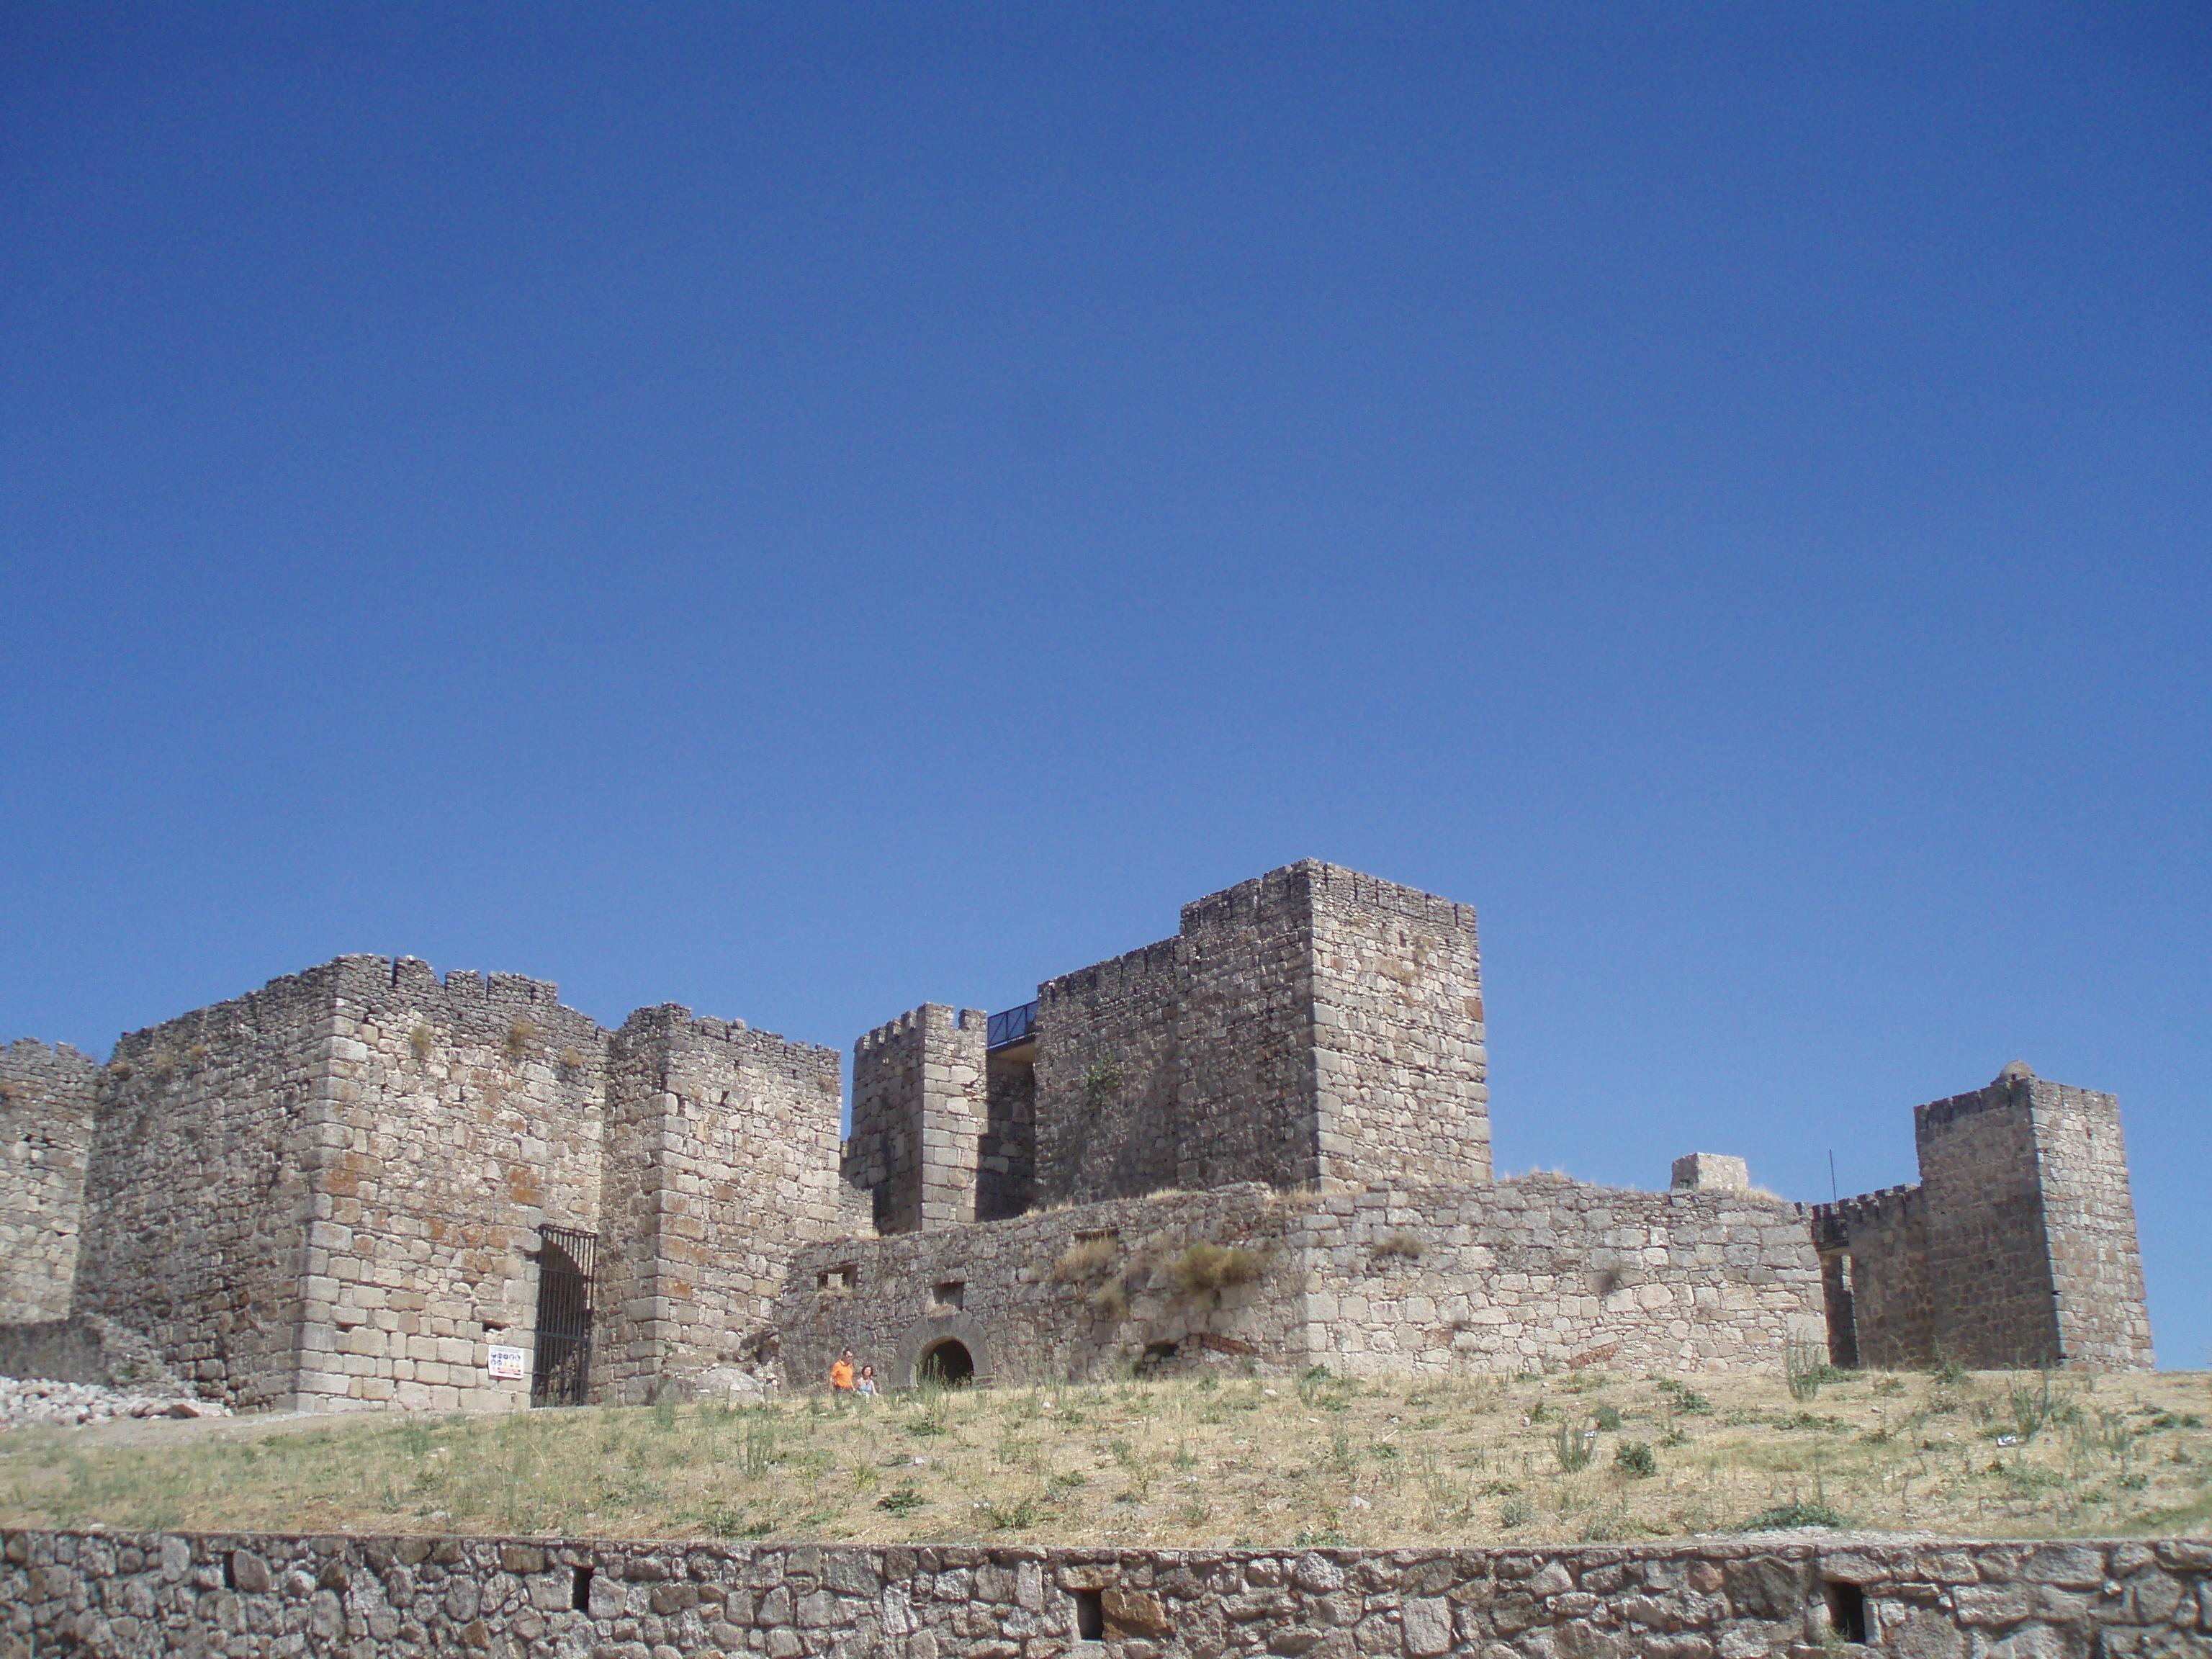 File:Vista de la fachada principal del castillo de Trujillo. (Cáceres).JPG - ...